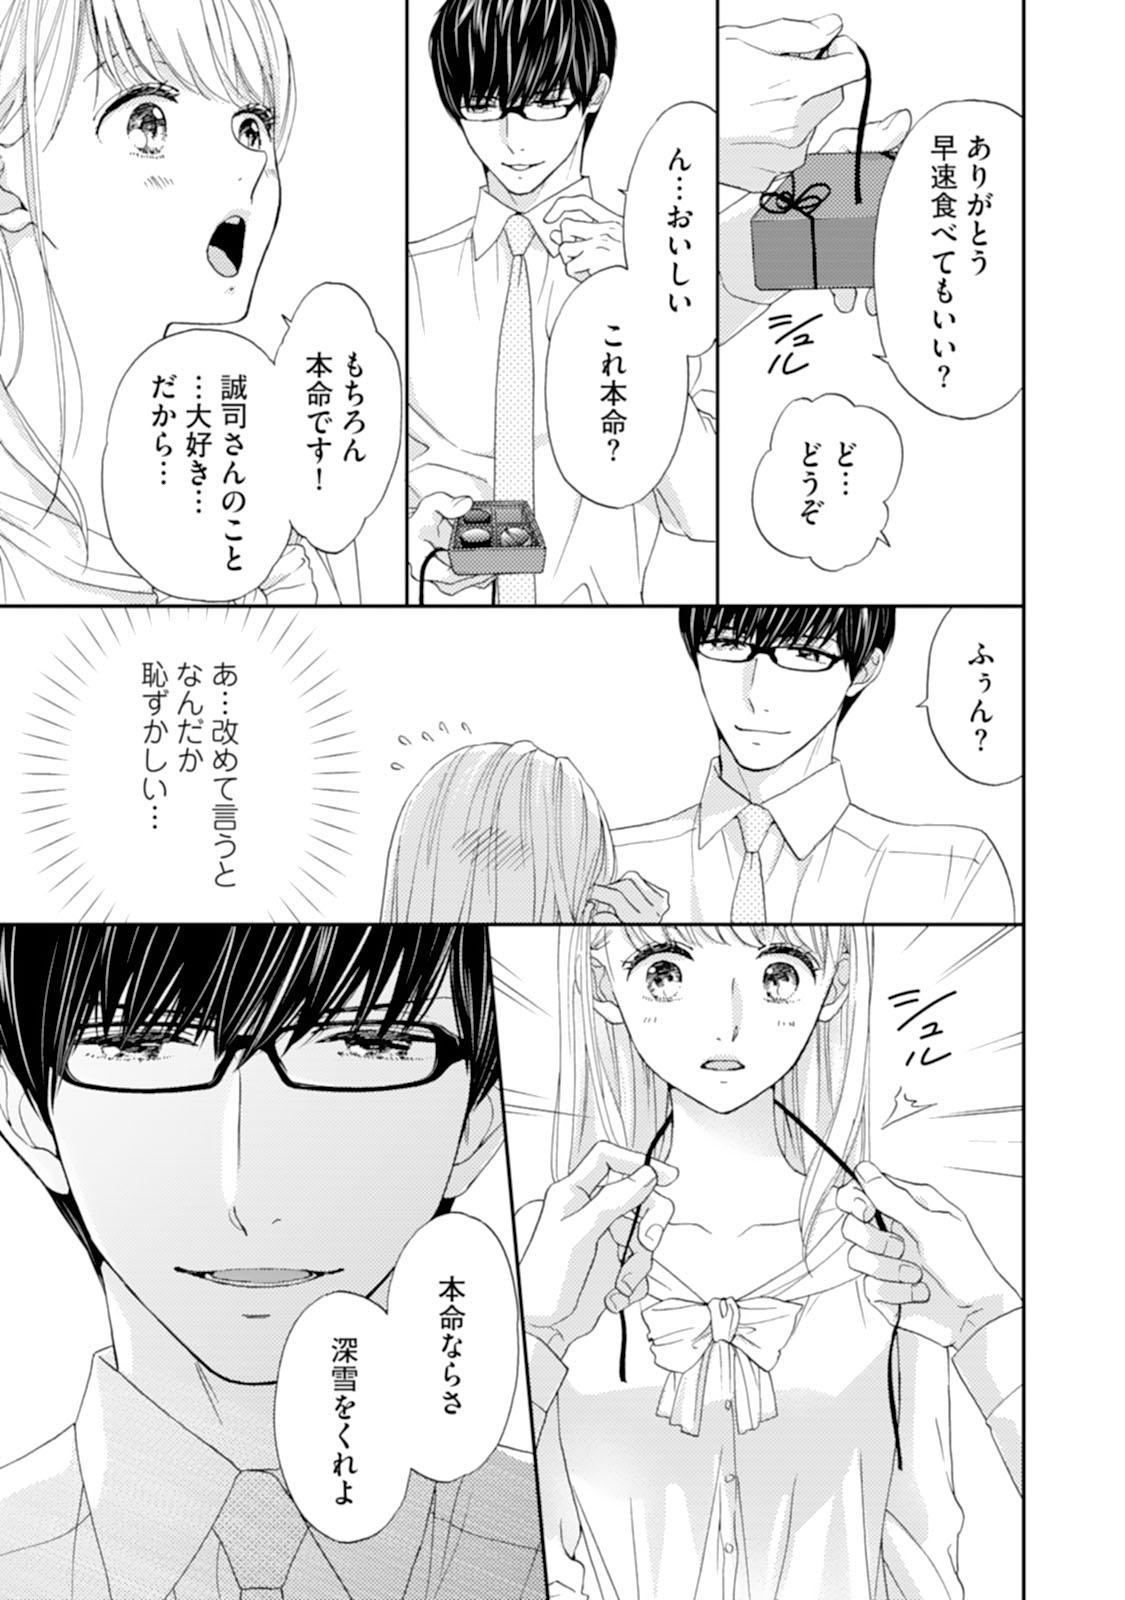 [Adumi Yuu] Choukyou-kei Danshi Ookami-sama to Koneko-chan Ch. 1-3 66